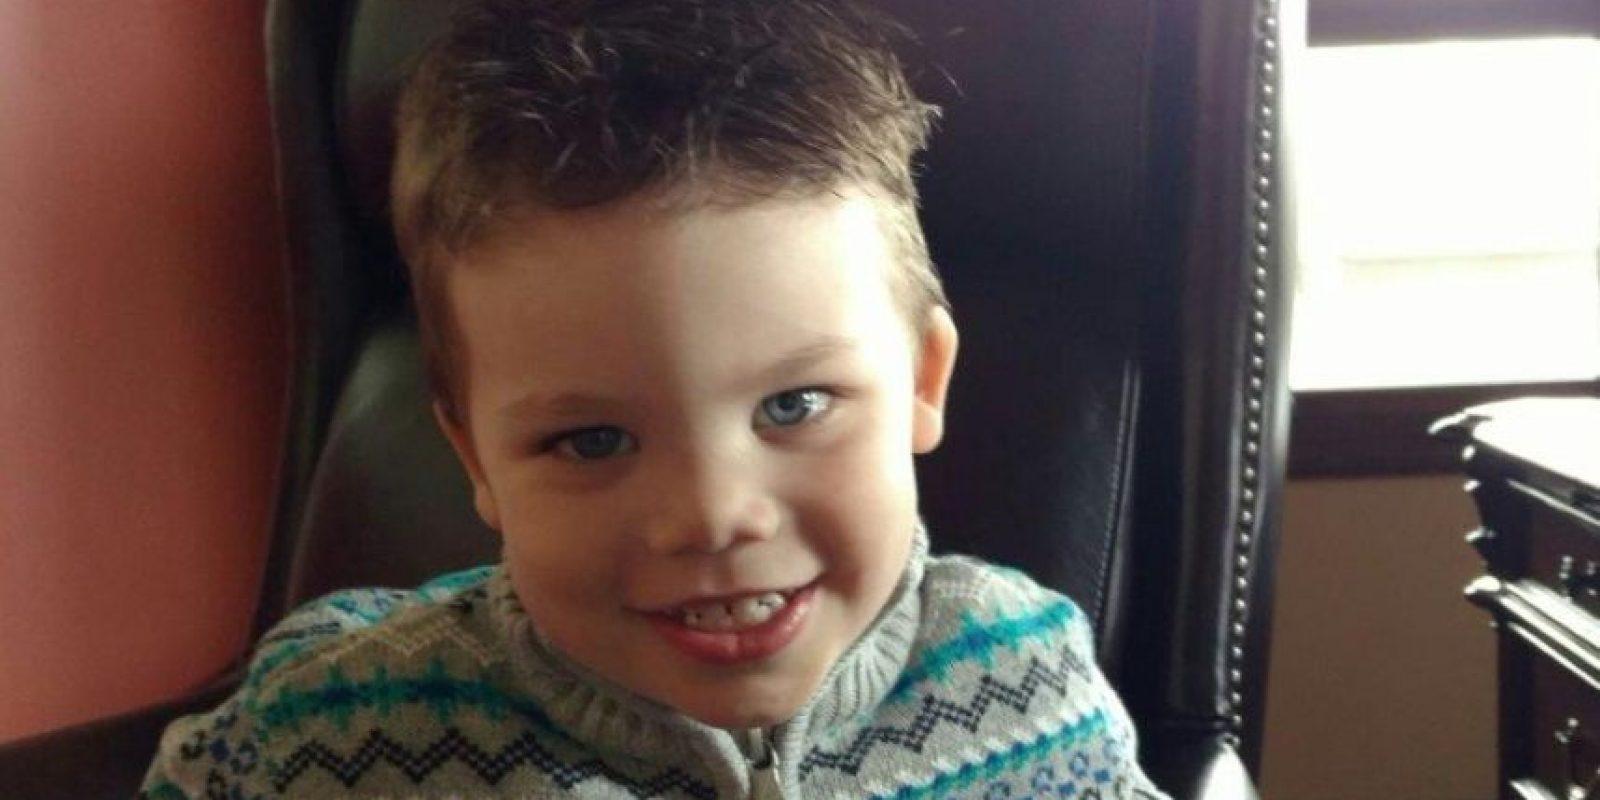 Las autoridades dieron a conocer una foto de Lane Graves, niño de dos años que murió al ser arrastrado por un caimán Foto:Twitter.com/OrangeCoSheriff